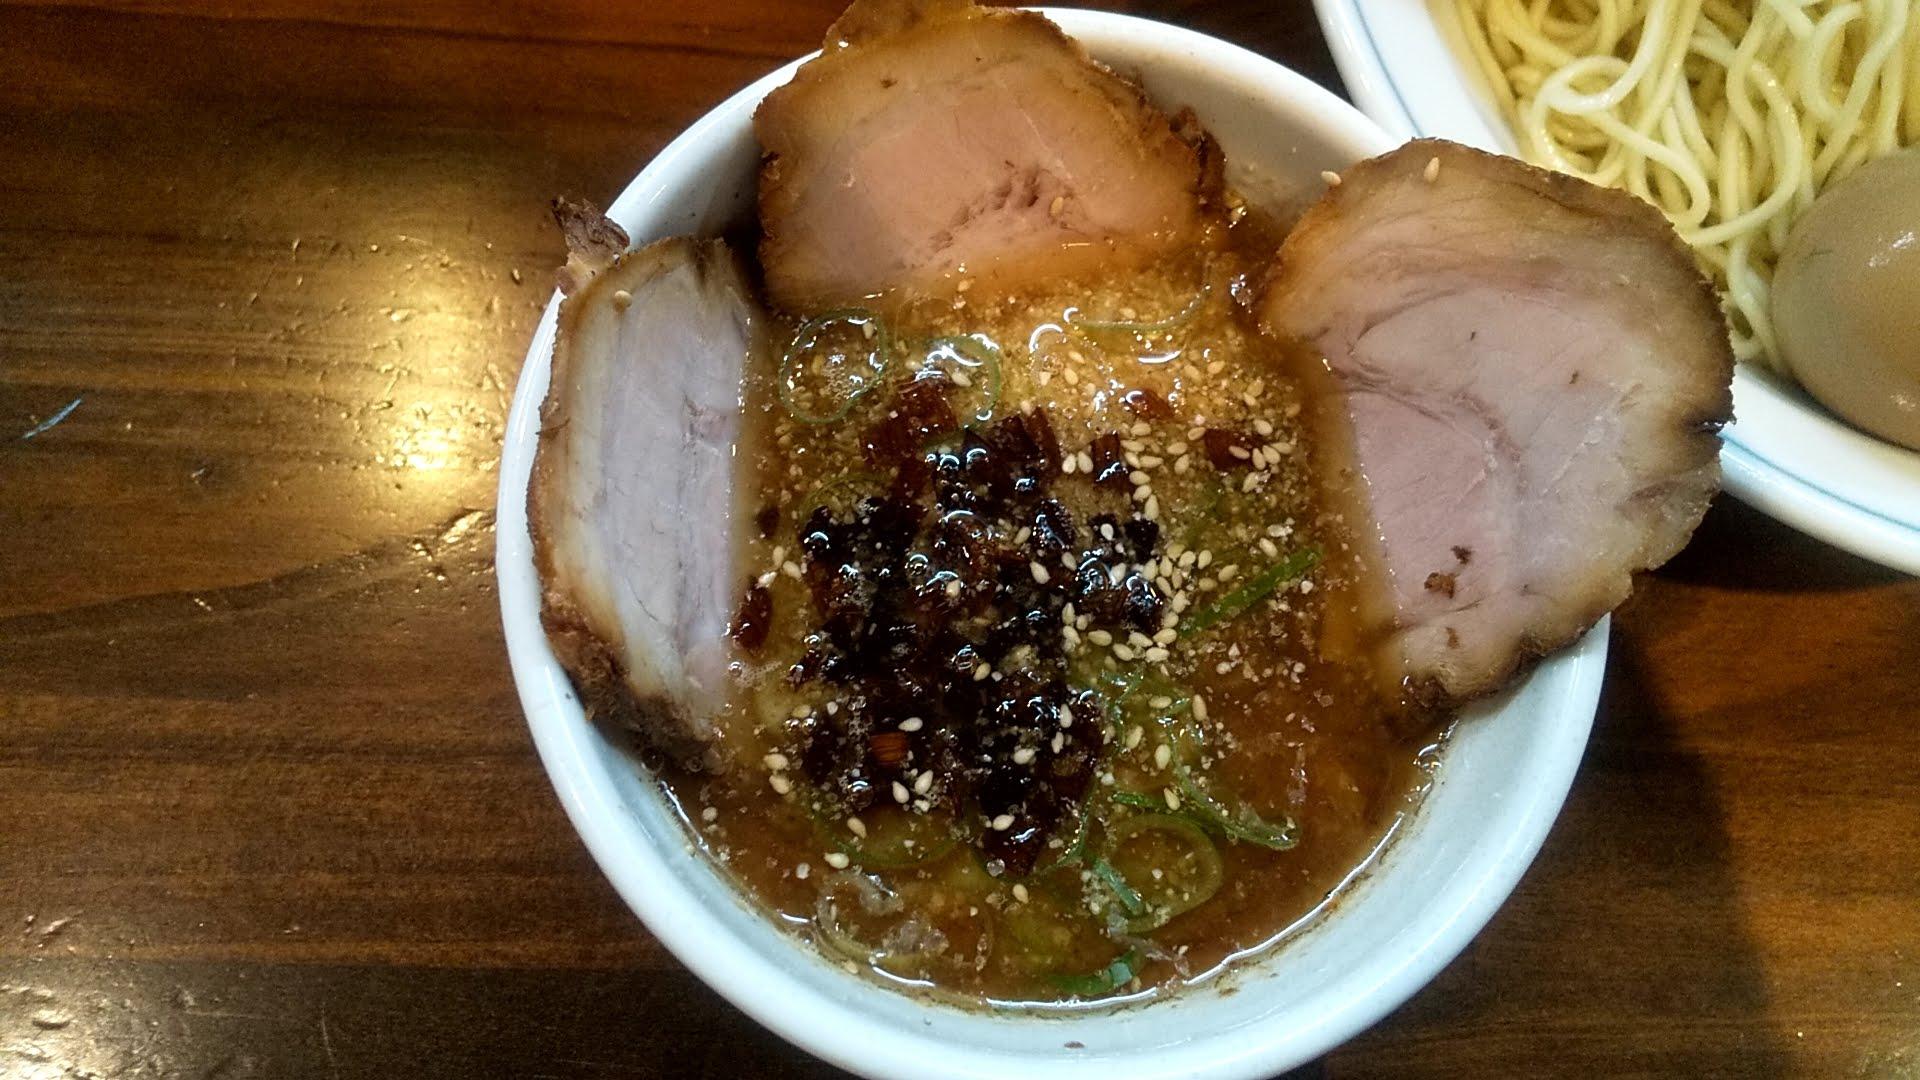 むらさき山の紫つけ麺のつけ汁